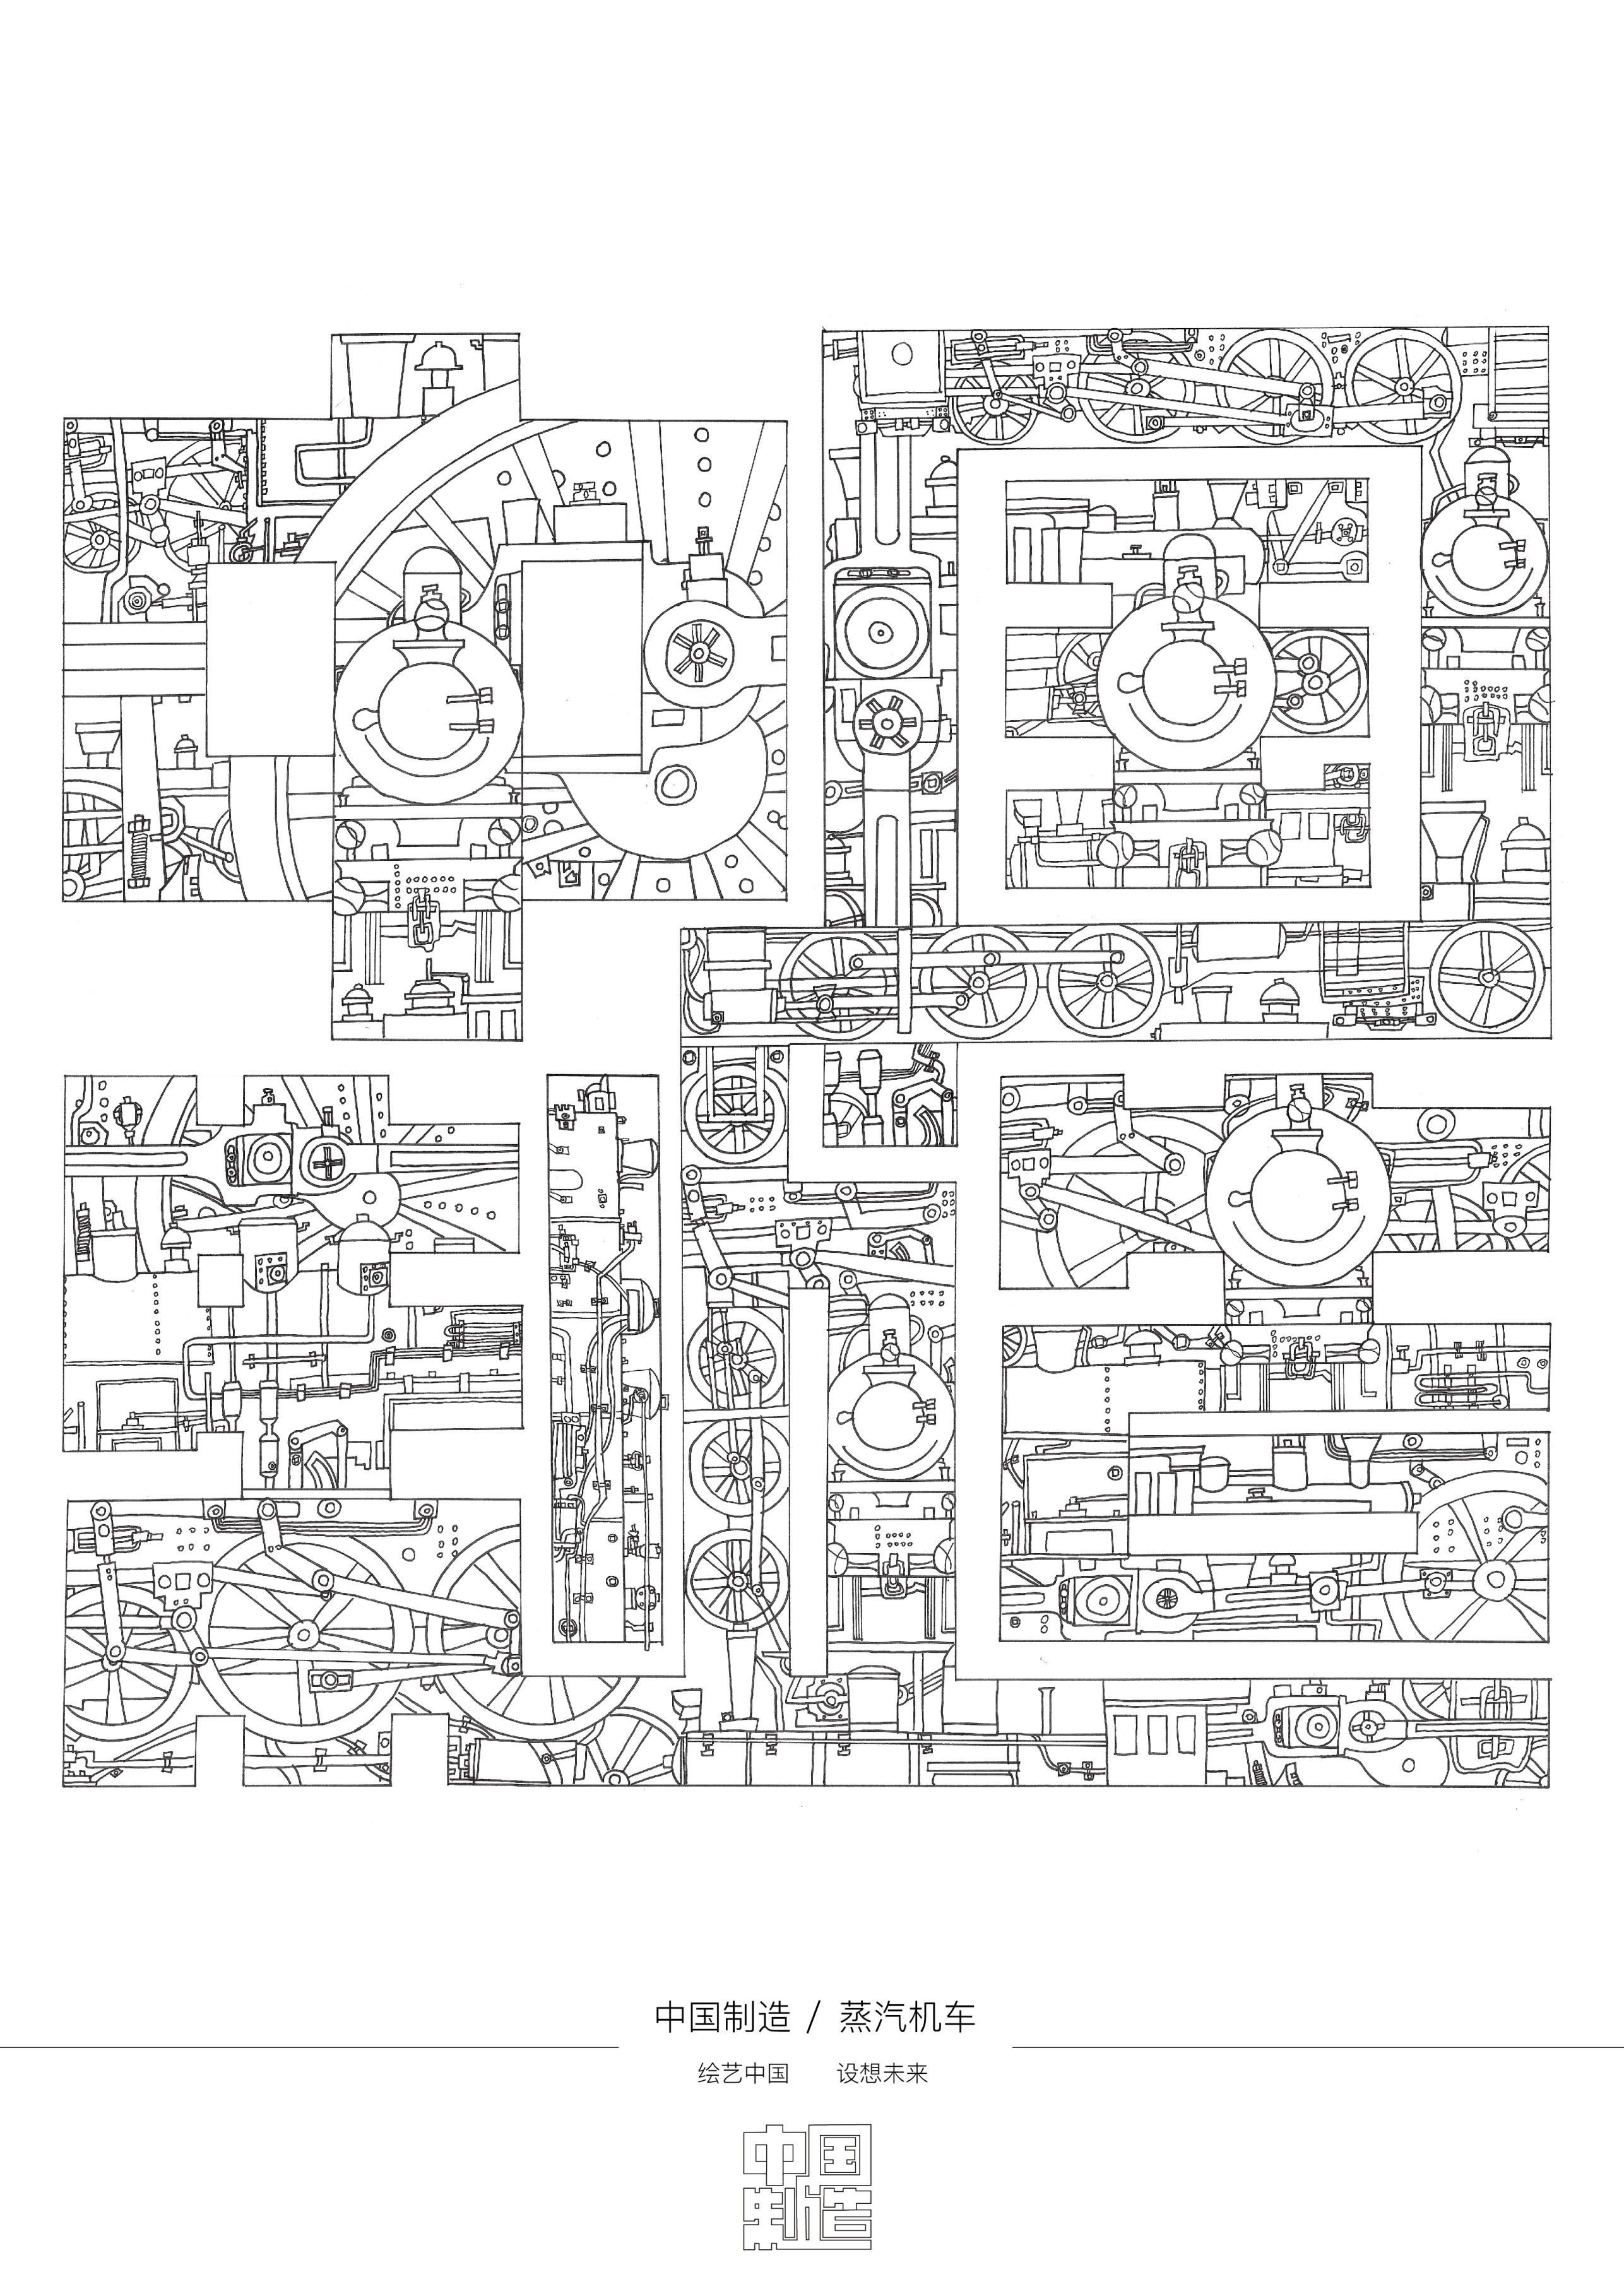 E:\2020国际大学生手绘艺术与设计大赛\参赛作品\手绘设计类\手绘设计类 安徽大学—中国轨道—曾东东\B类—安徽大学—中国轨道—曾东东\1-中国制造.jpg